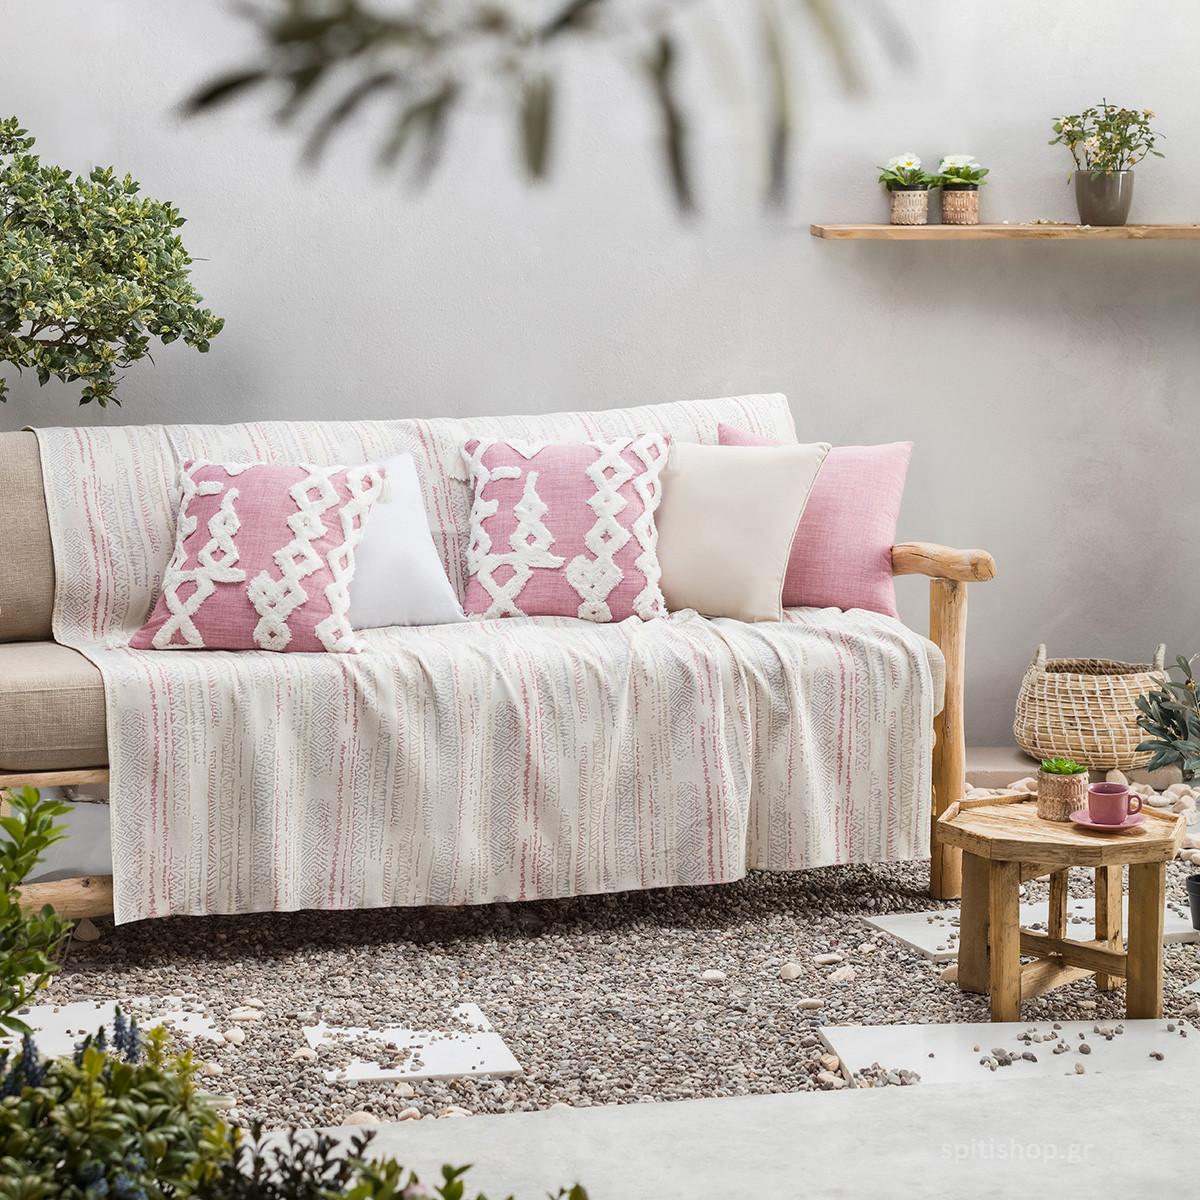 Ριχτάρι Πολυθρόνας (180×180) Gofis Home Flair PinkGrey 857/17